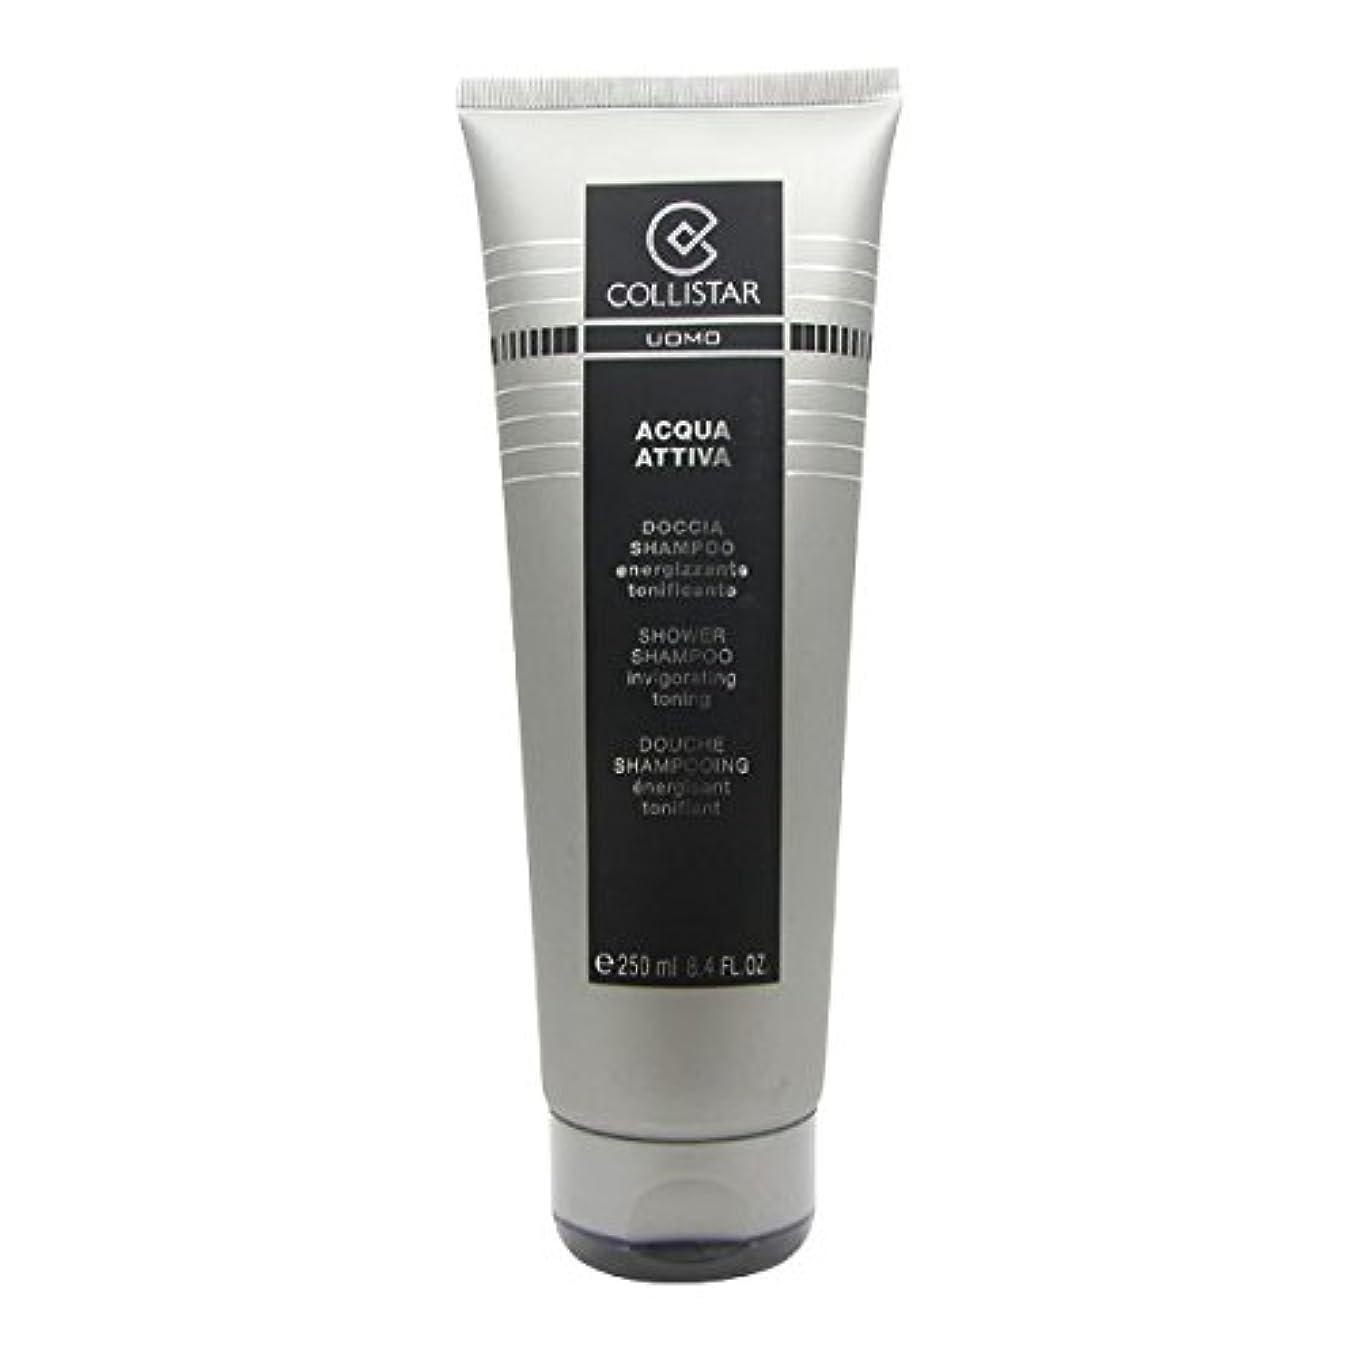 省ミスペンド迷惑Collistar Men Acqua Attiva Shower Shampoo 250ml [並行輸入品]